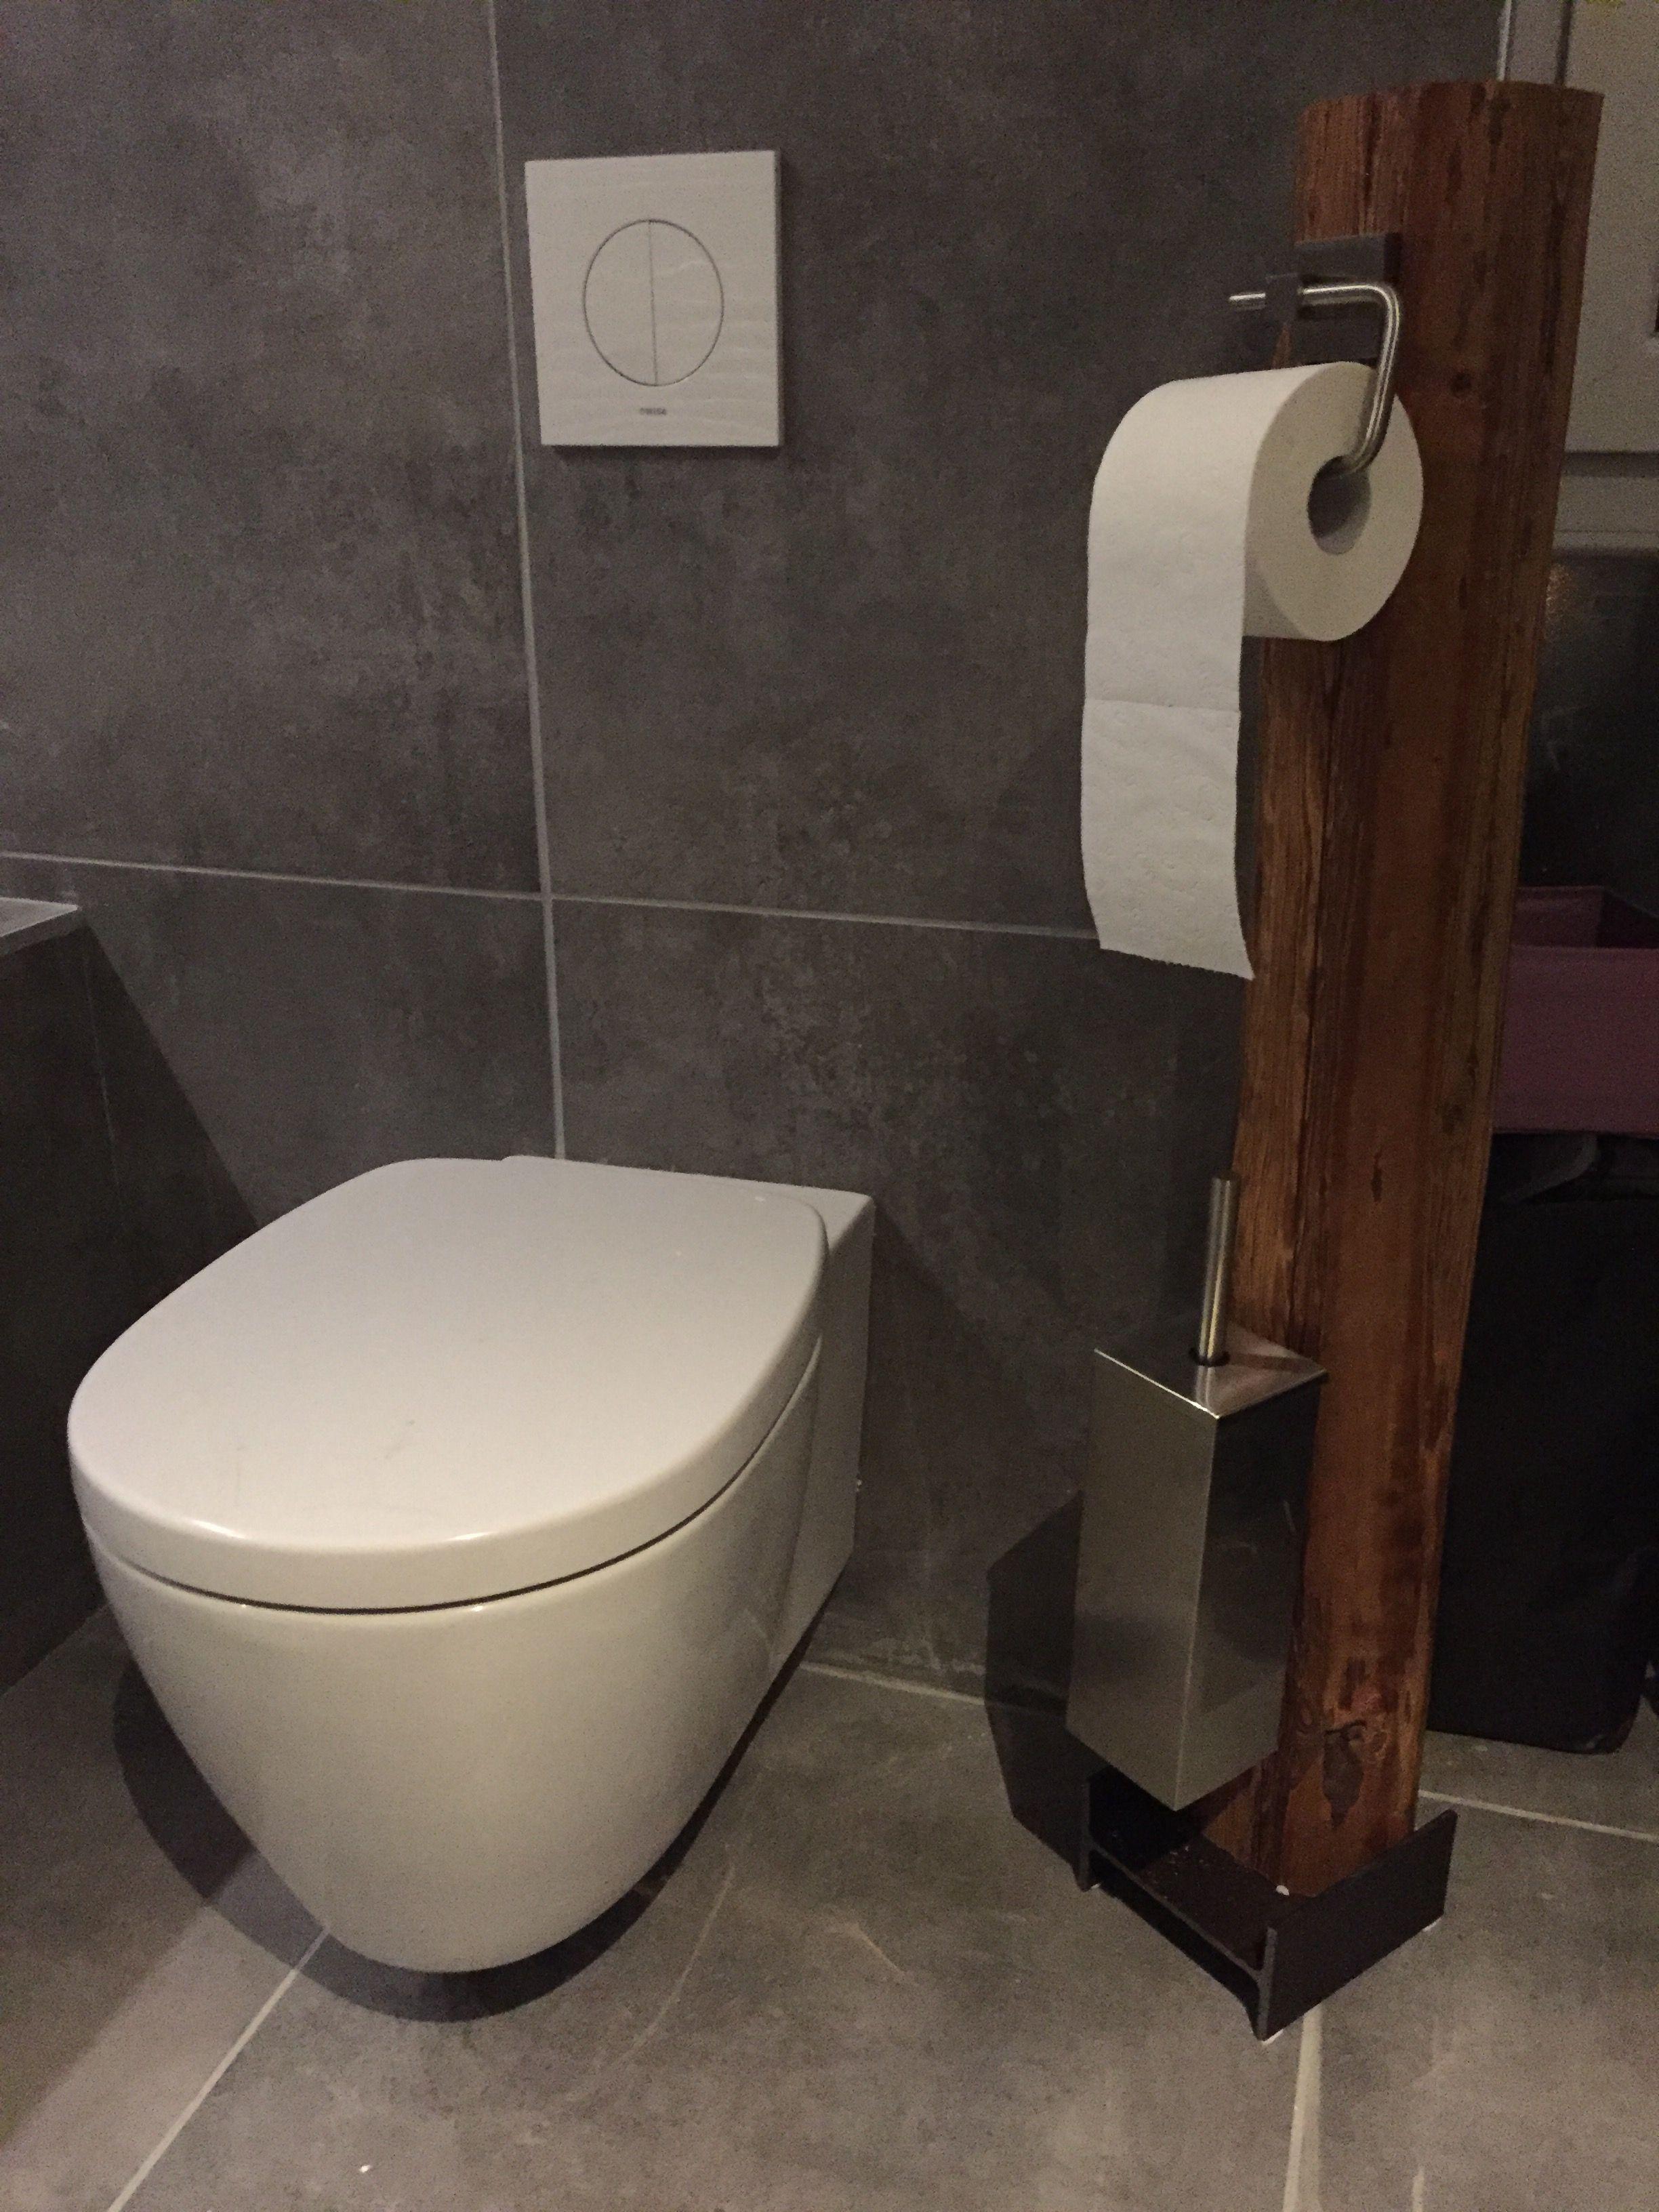 WC Garnitur Holz Stahl in 2019 | Wc garnitur, Holz stahl und ...